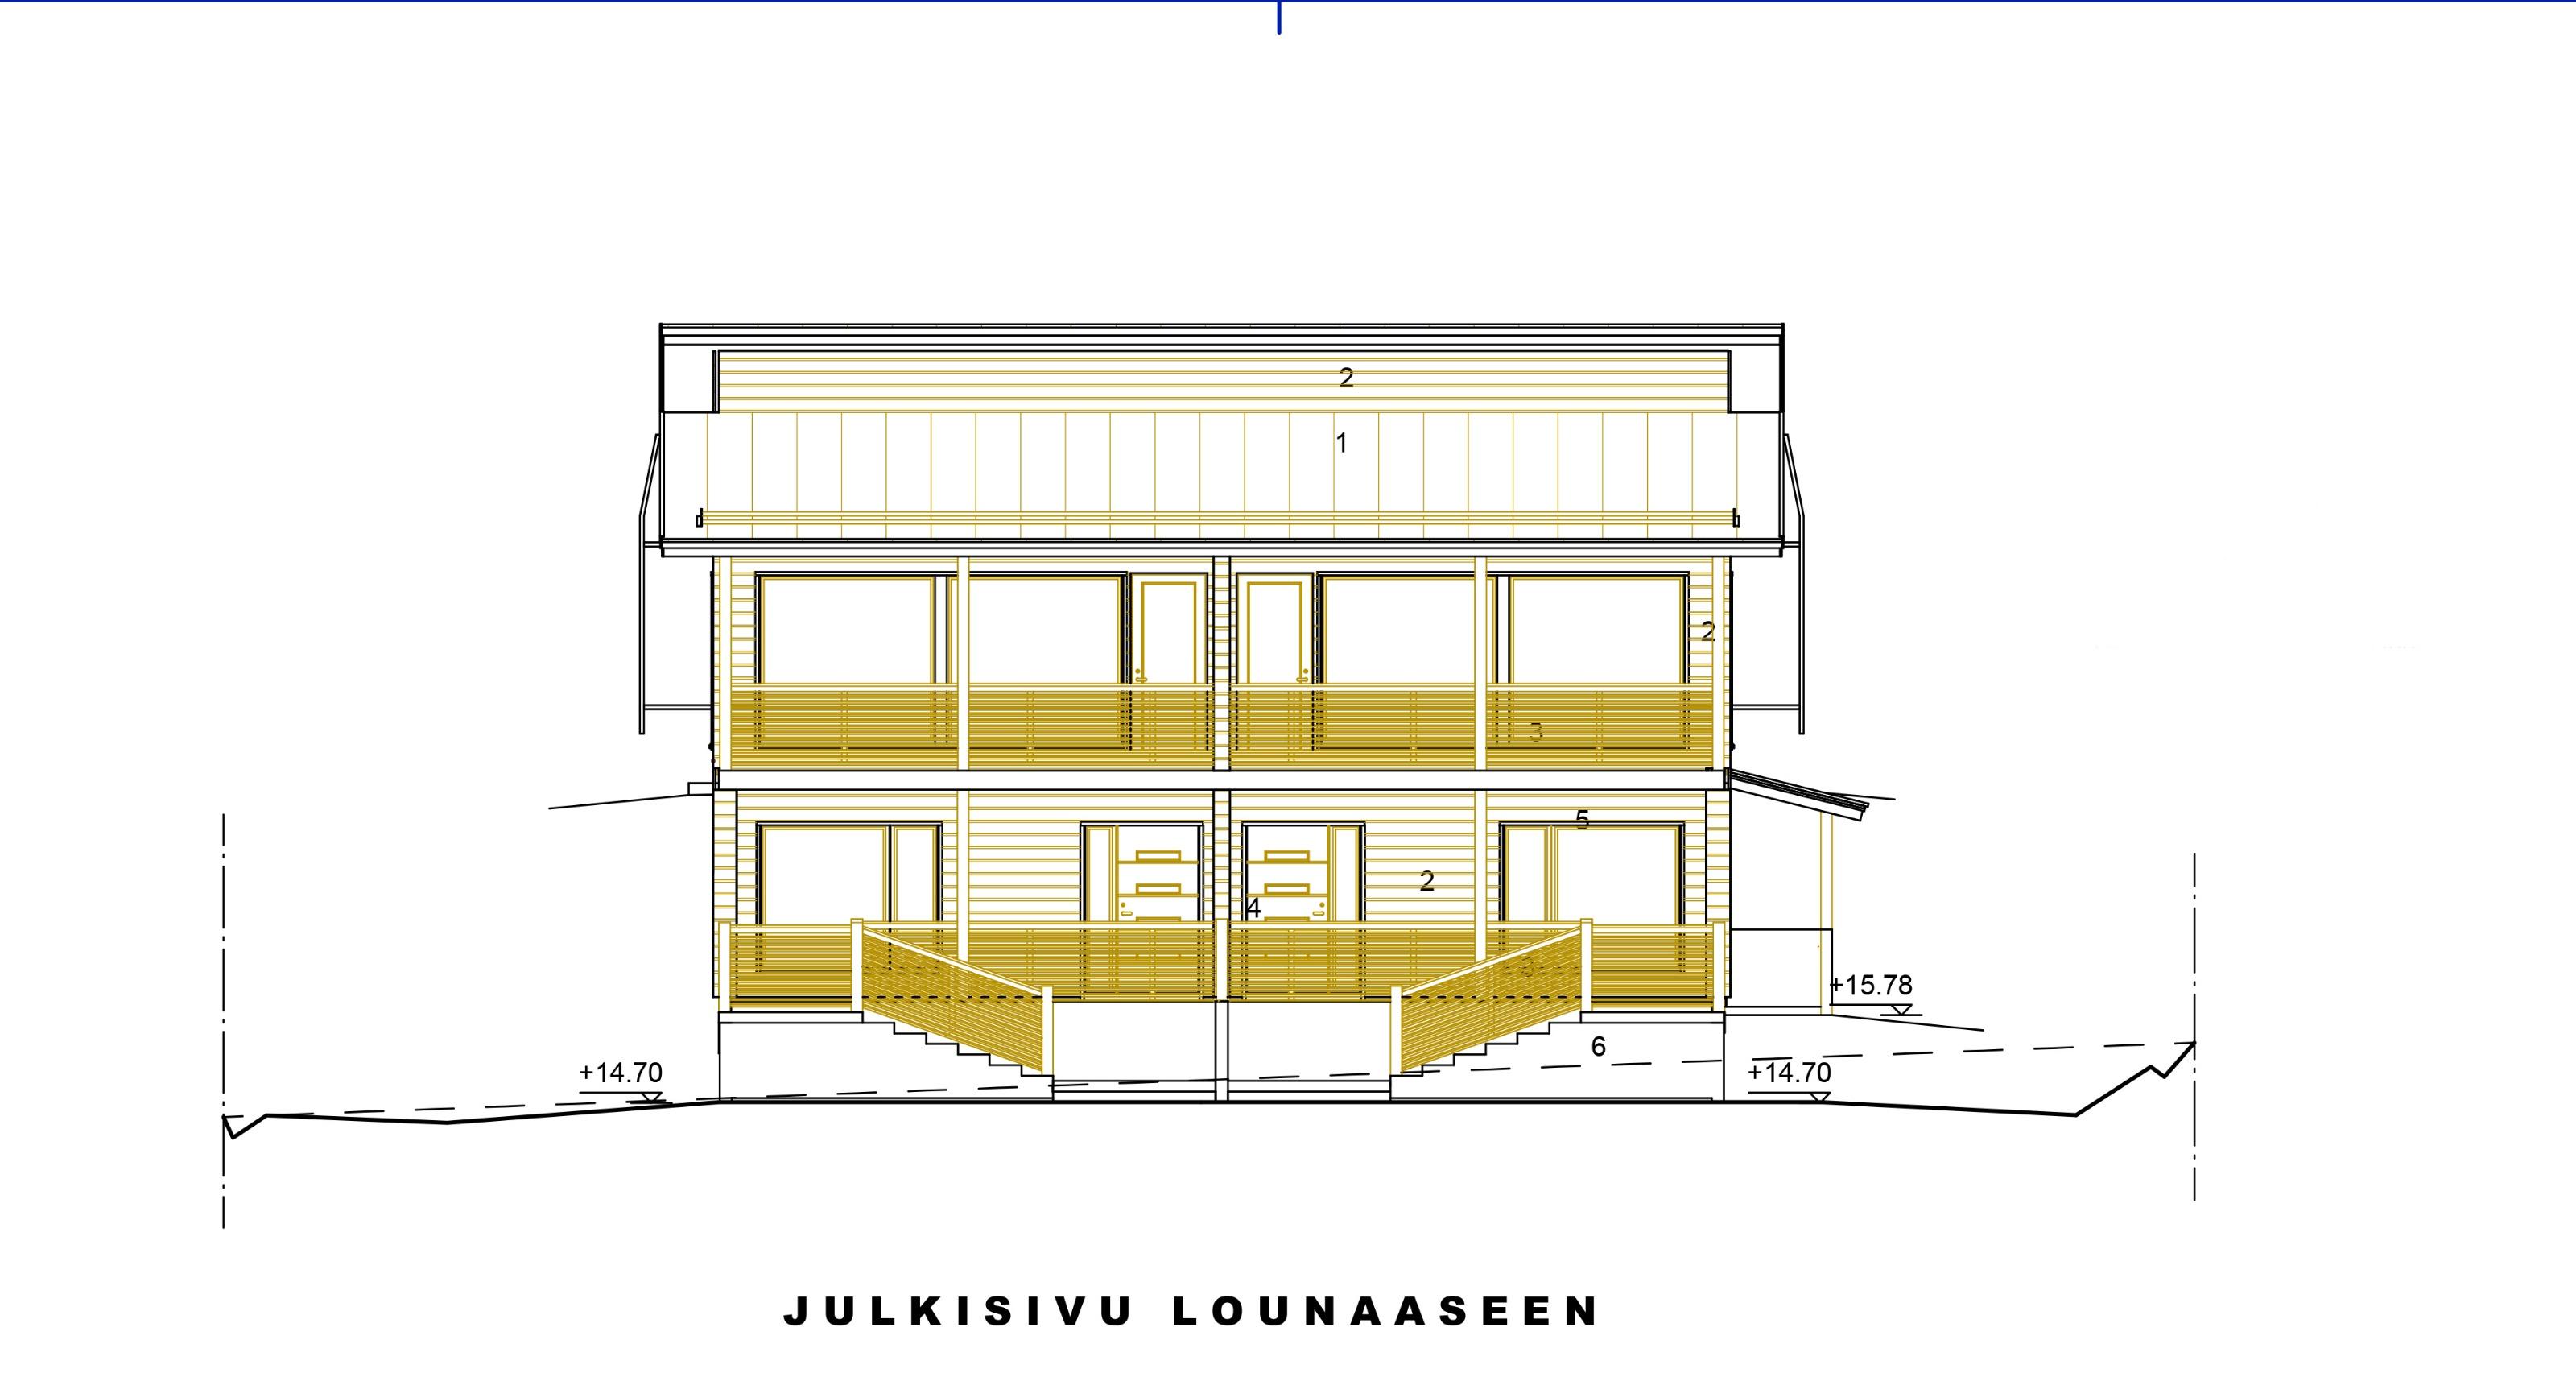 Porvoo, Tolkkinen, Påvalsinkaari 6 A A